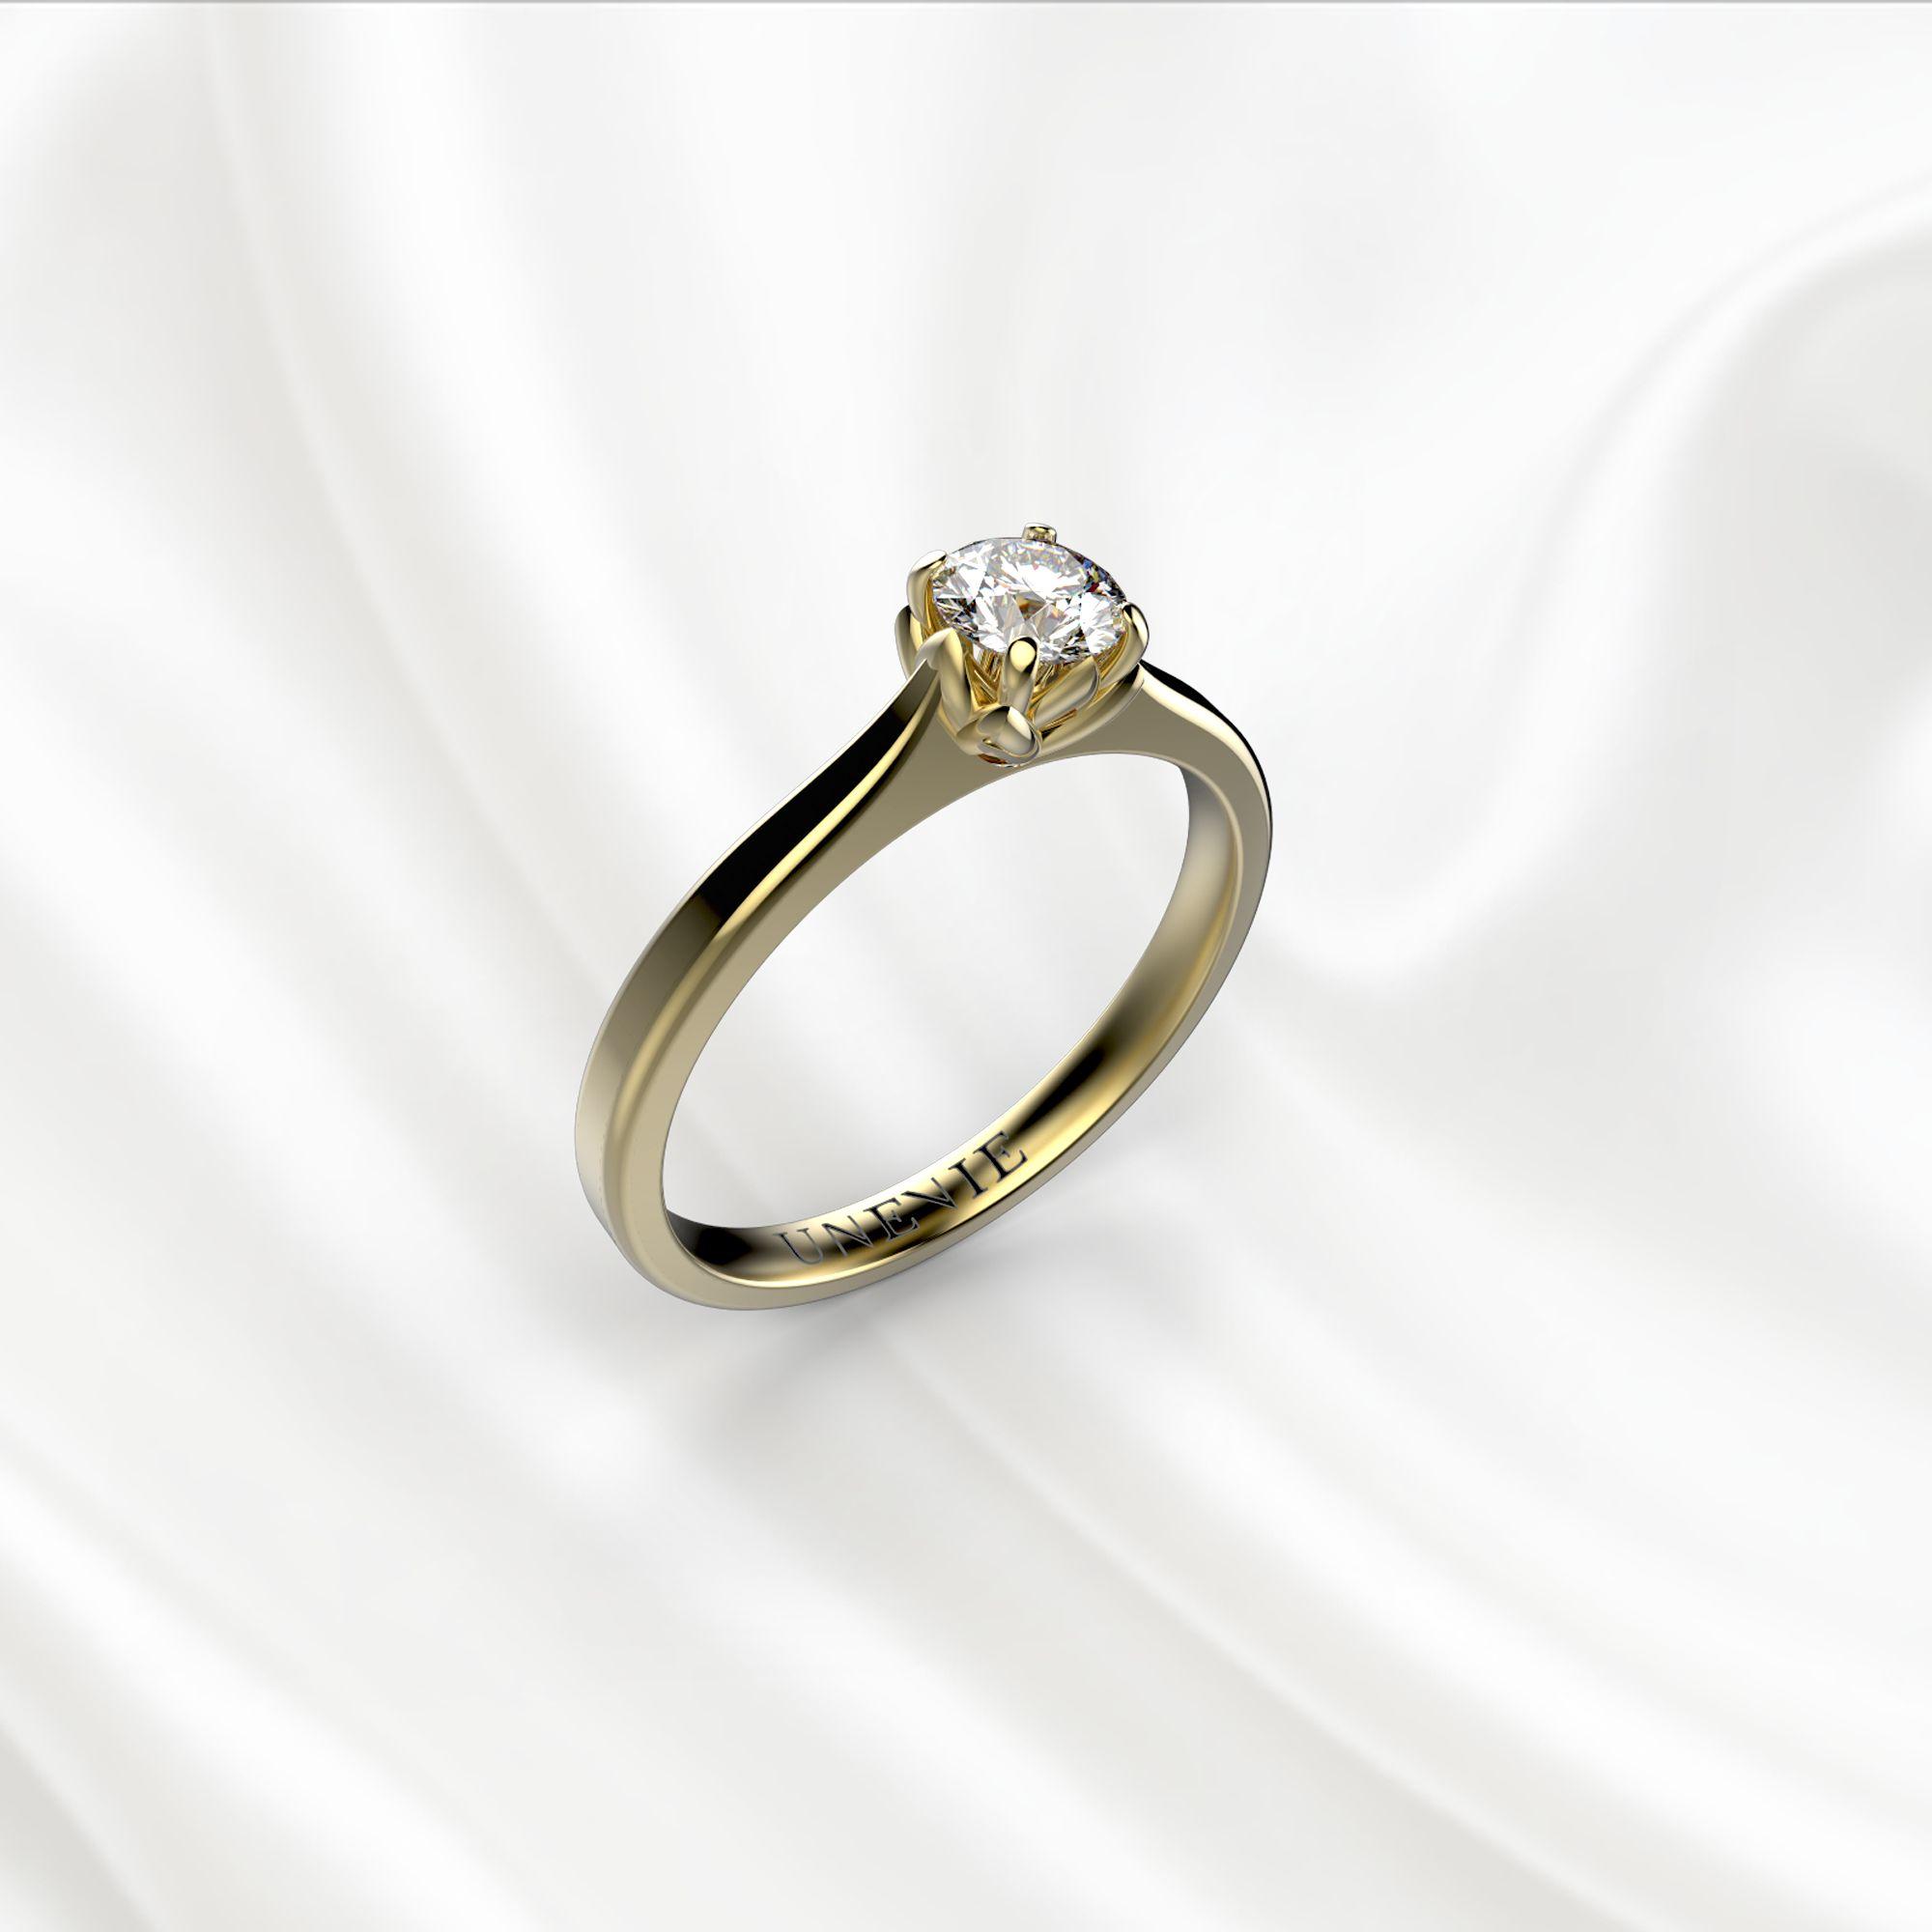 N16-1 Помолвочное кольцо из желтого золота с бриллиантом 0.2 карат